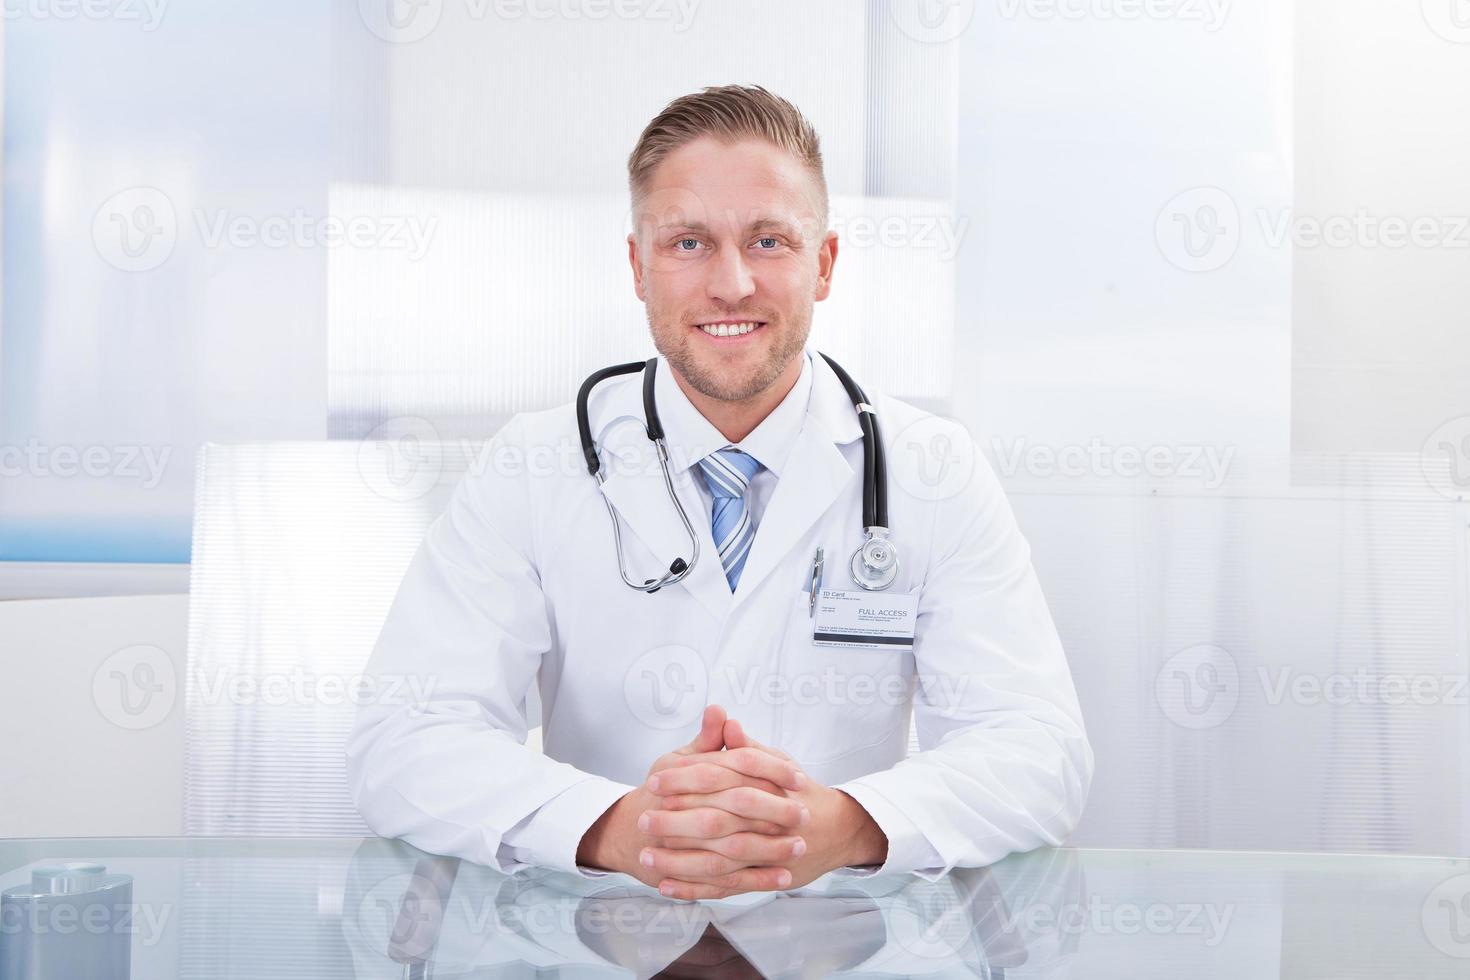 lächelnder Arzt oder Berater, der an einem Schreibtisch sitzt foto